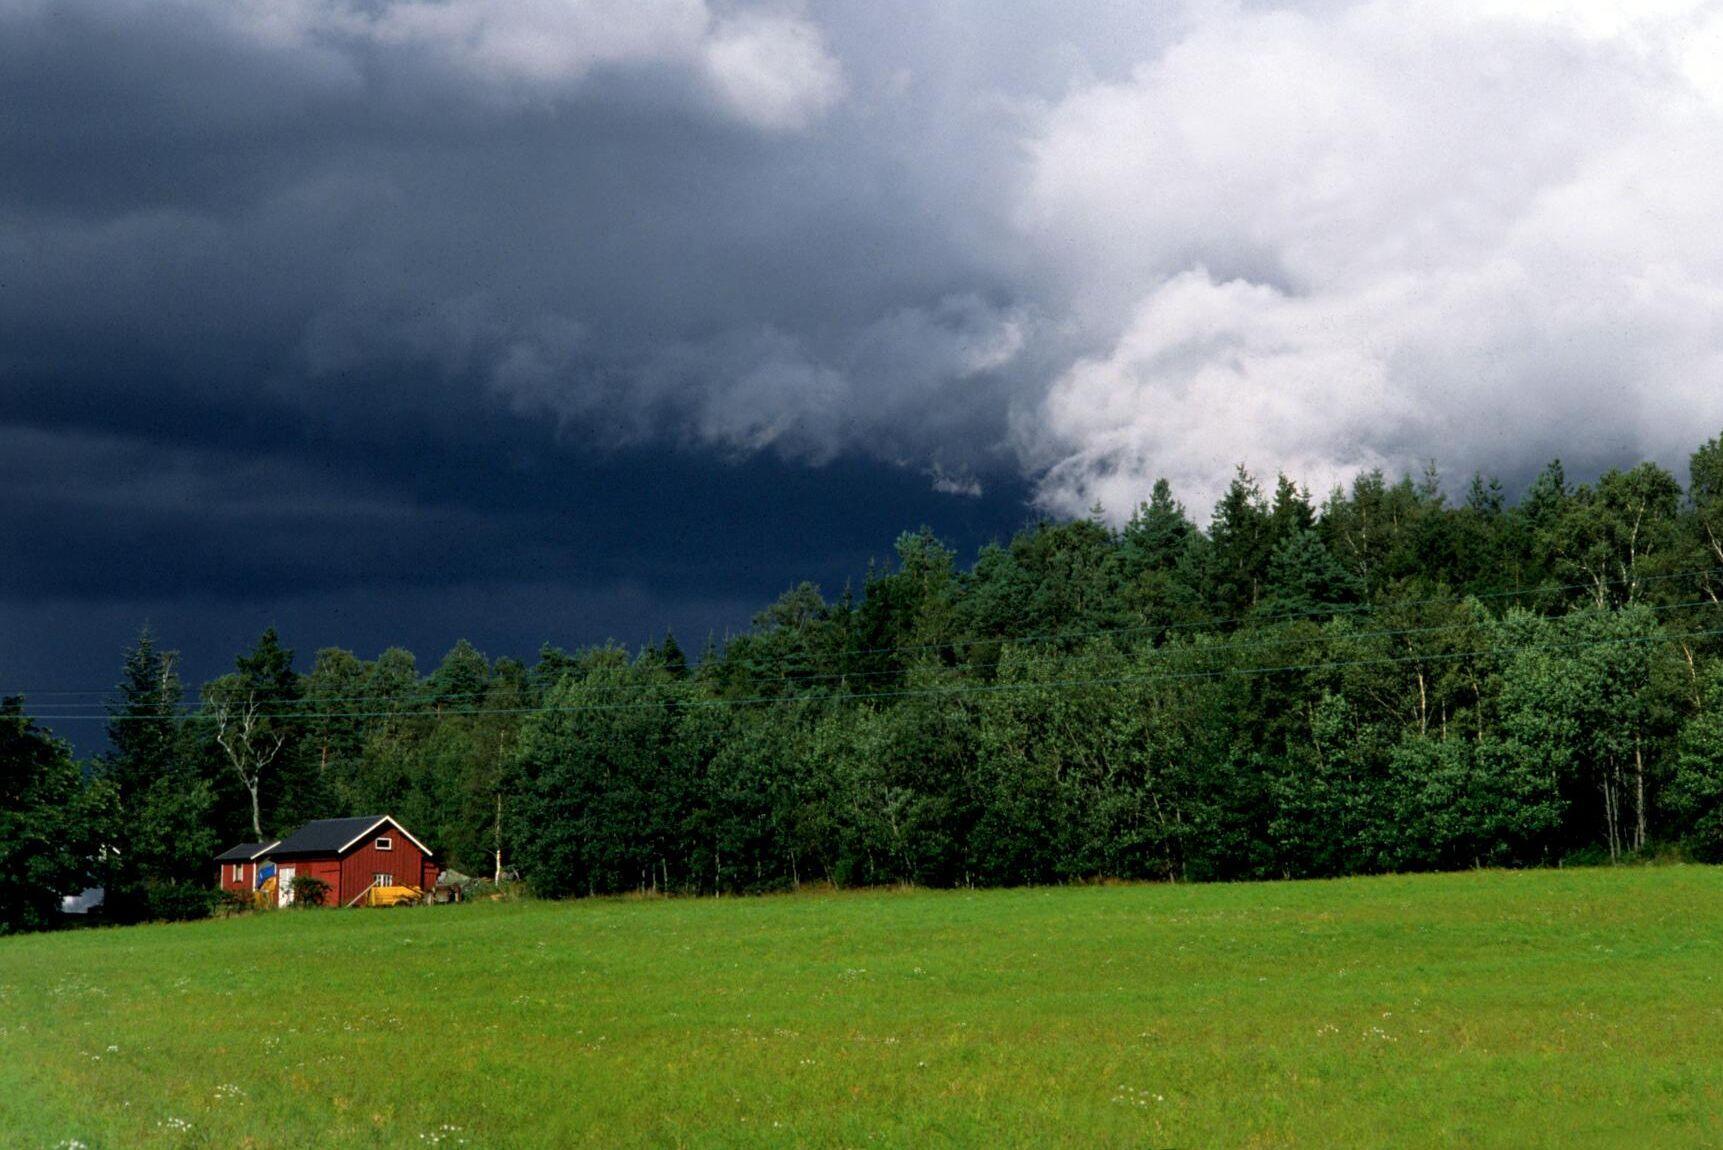 Är du intresserad av väder? I höst får privatpersoner chansen att hjälpa SMHI att förbättra prognoserna genom att dela sina väderdata med myndigheten.